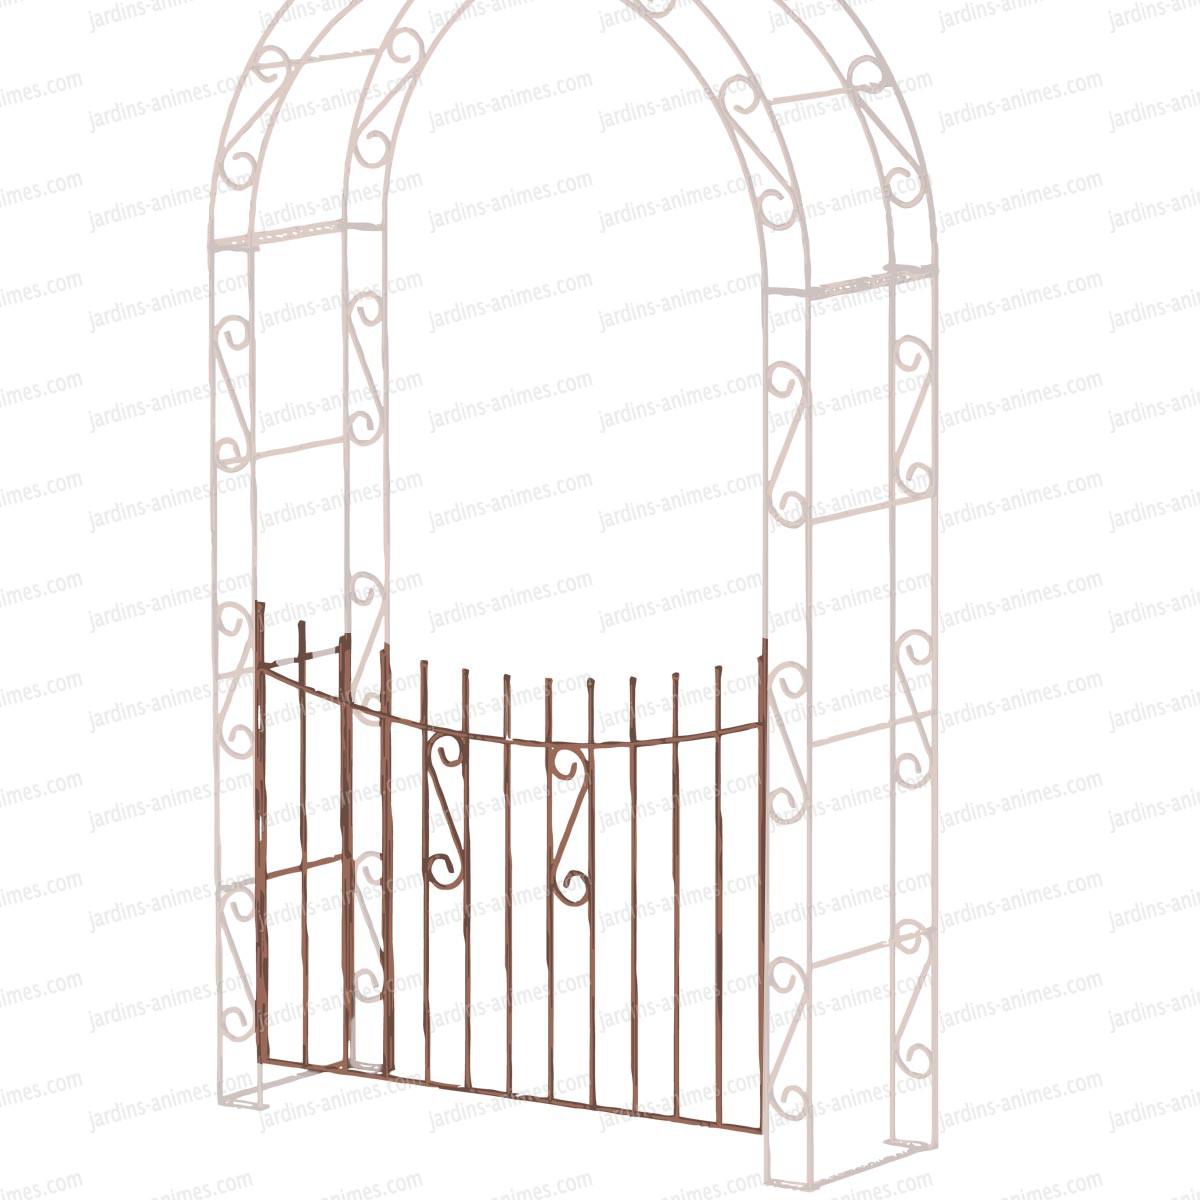 portillon 1 battant pour arche arrondie arches kiosque et marquise. Black Bedroom Furniture Sets. Home Design Ideas